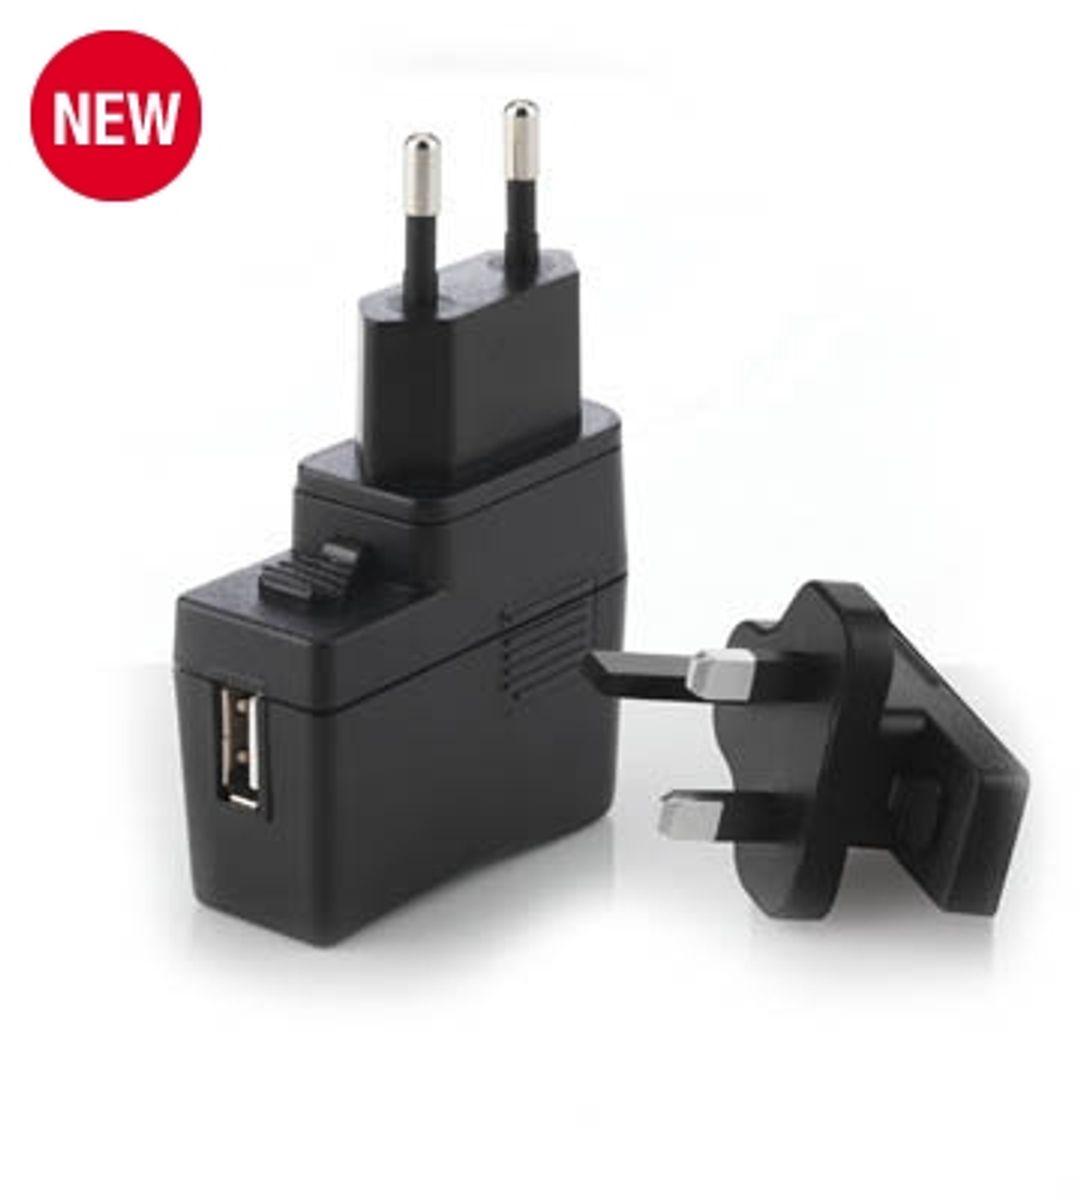 Adaptateur secteur et USB